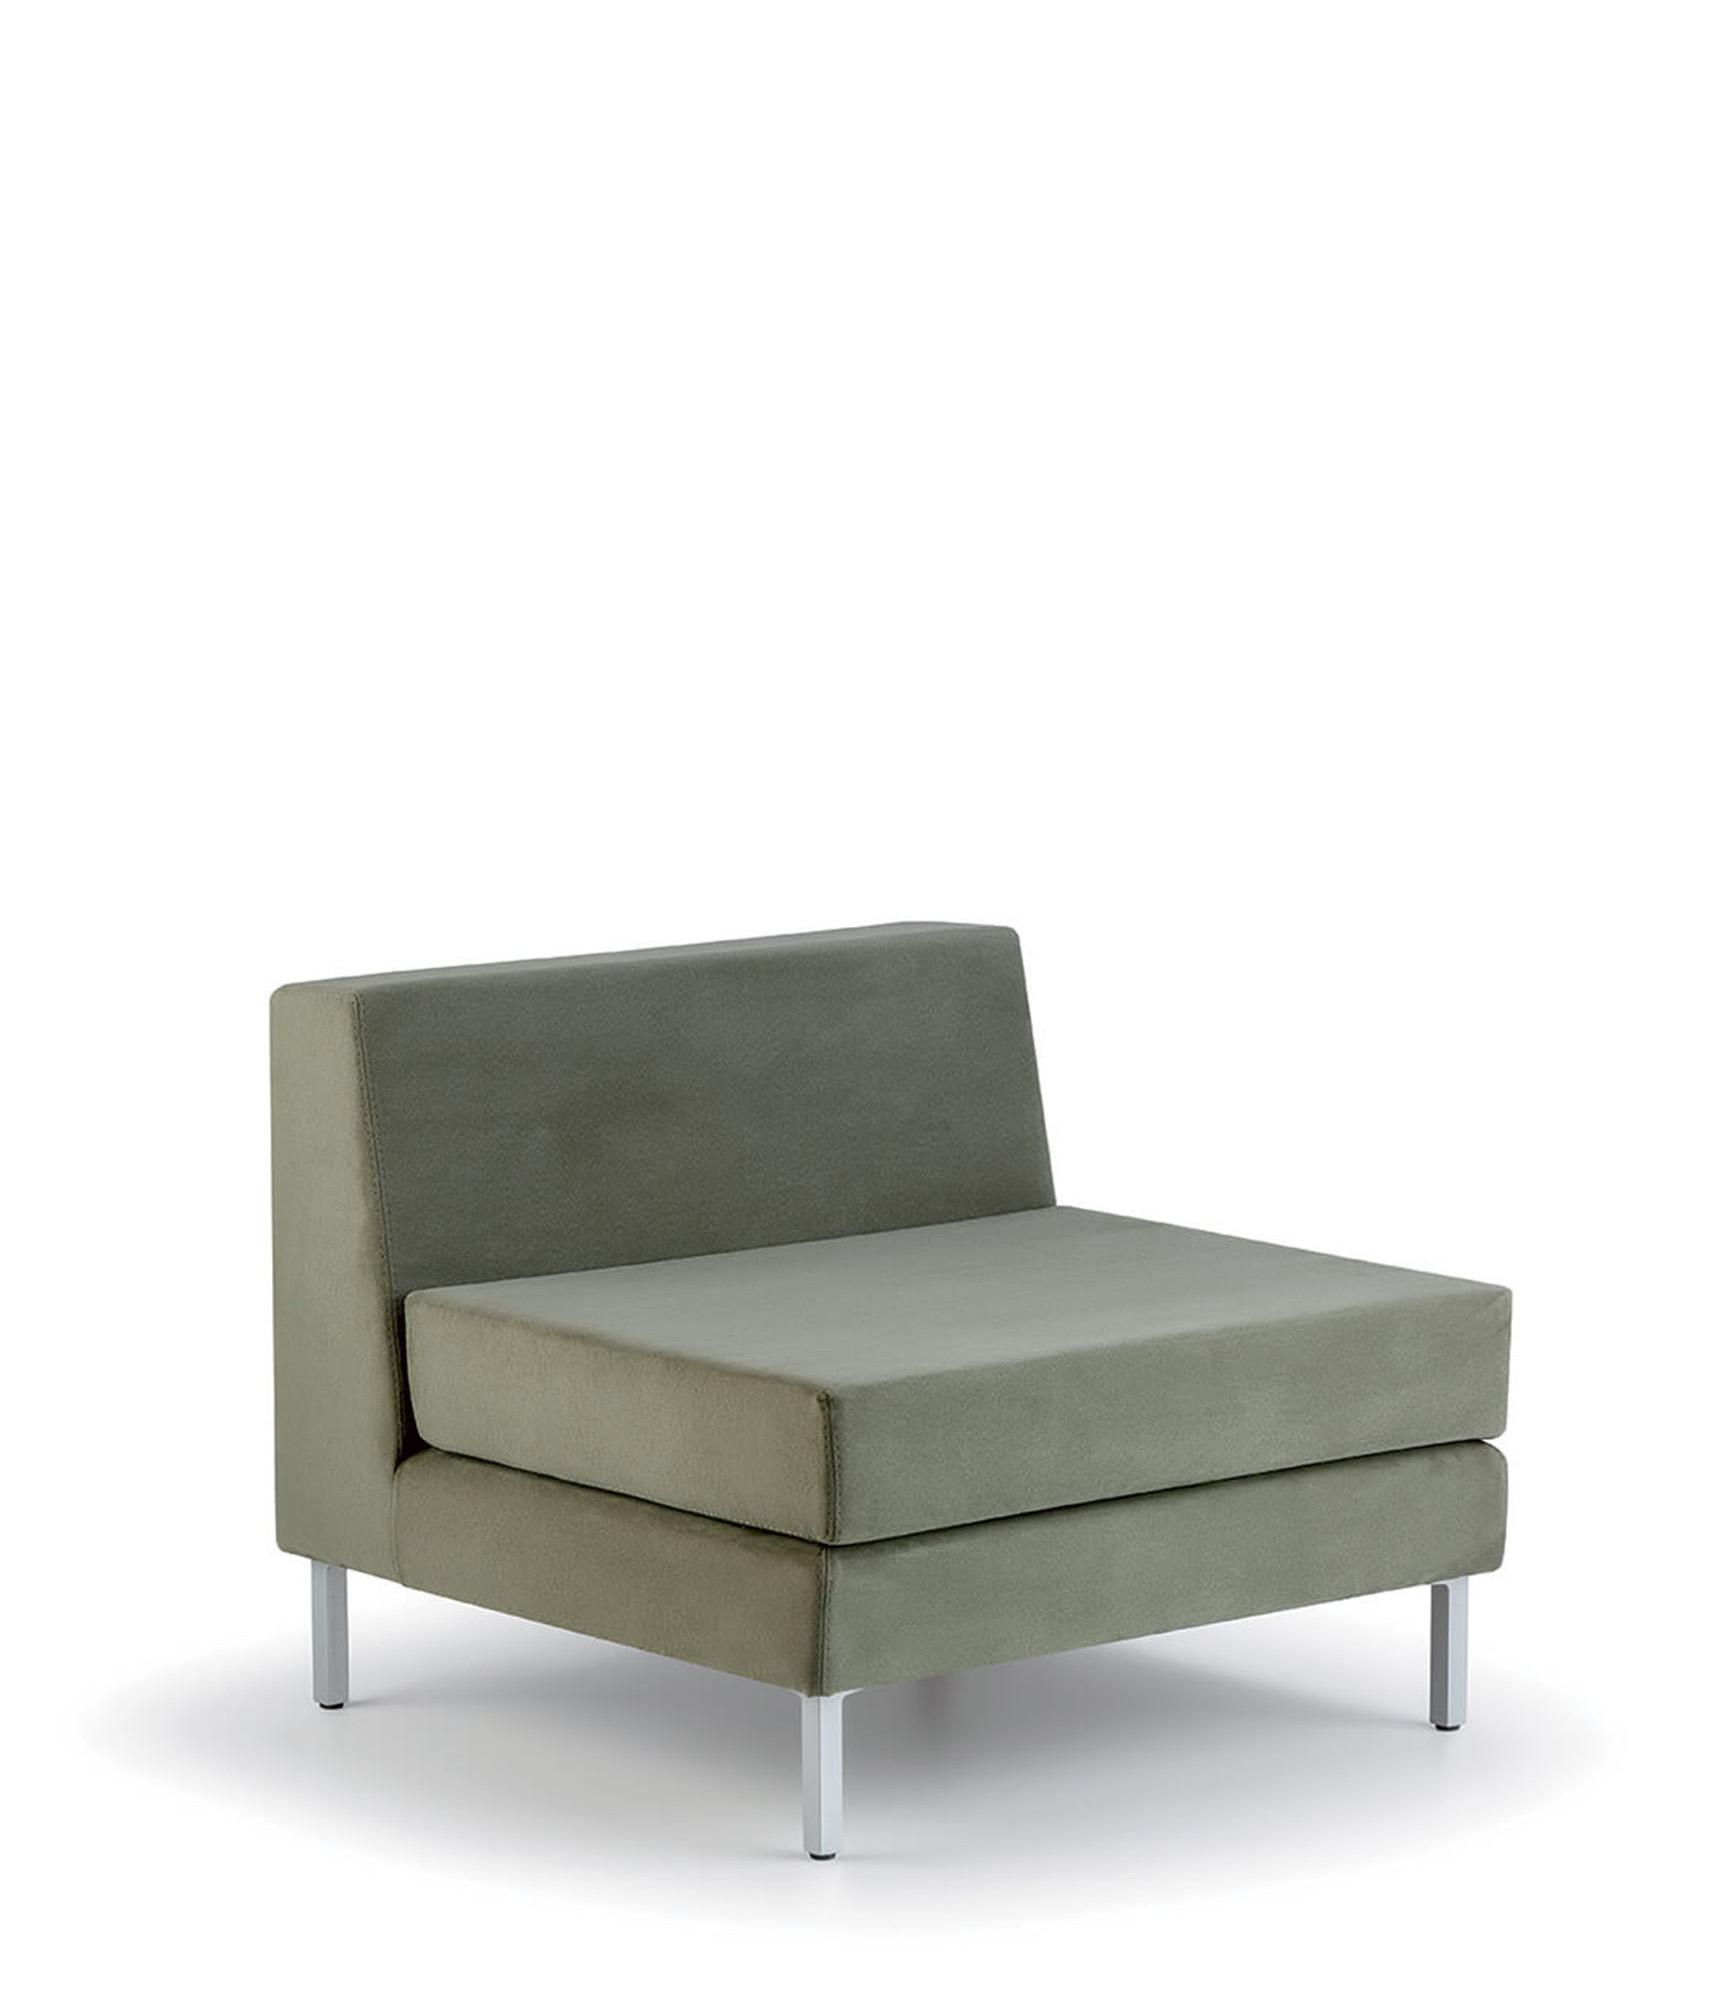 Poltrone attesa e divani ufficio design Sintonia